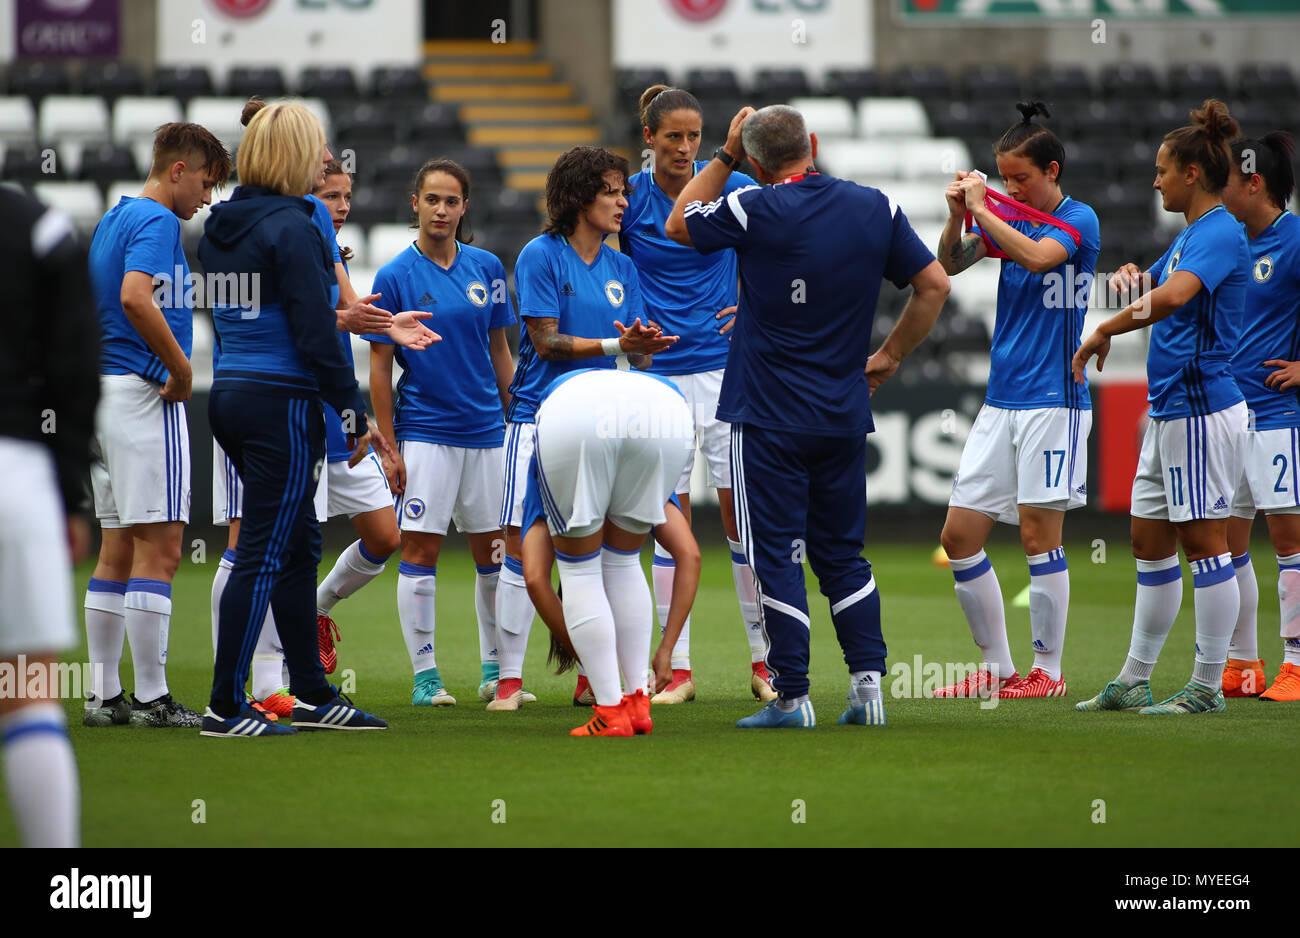 Swansea women